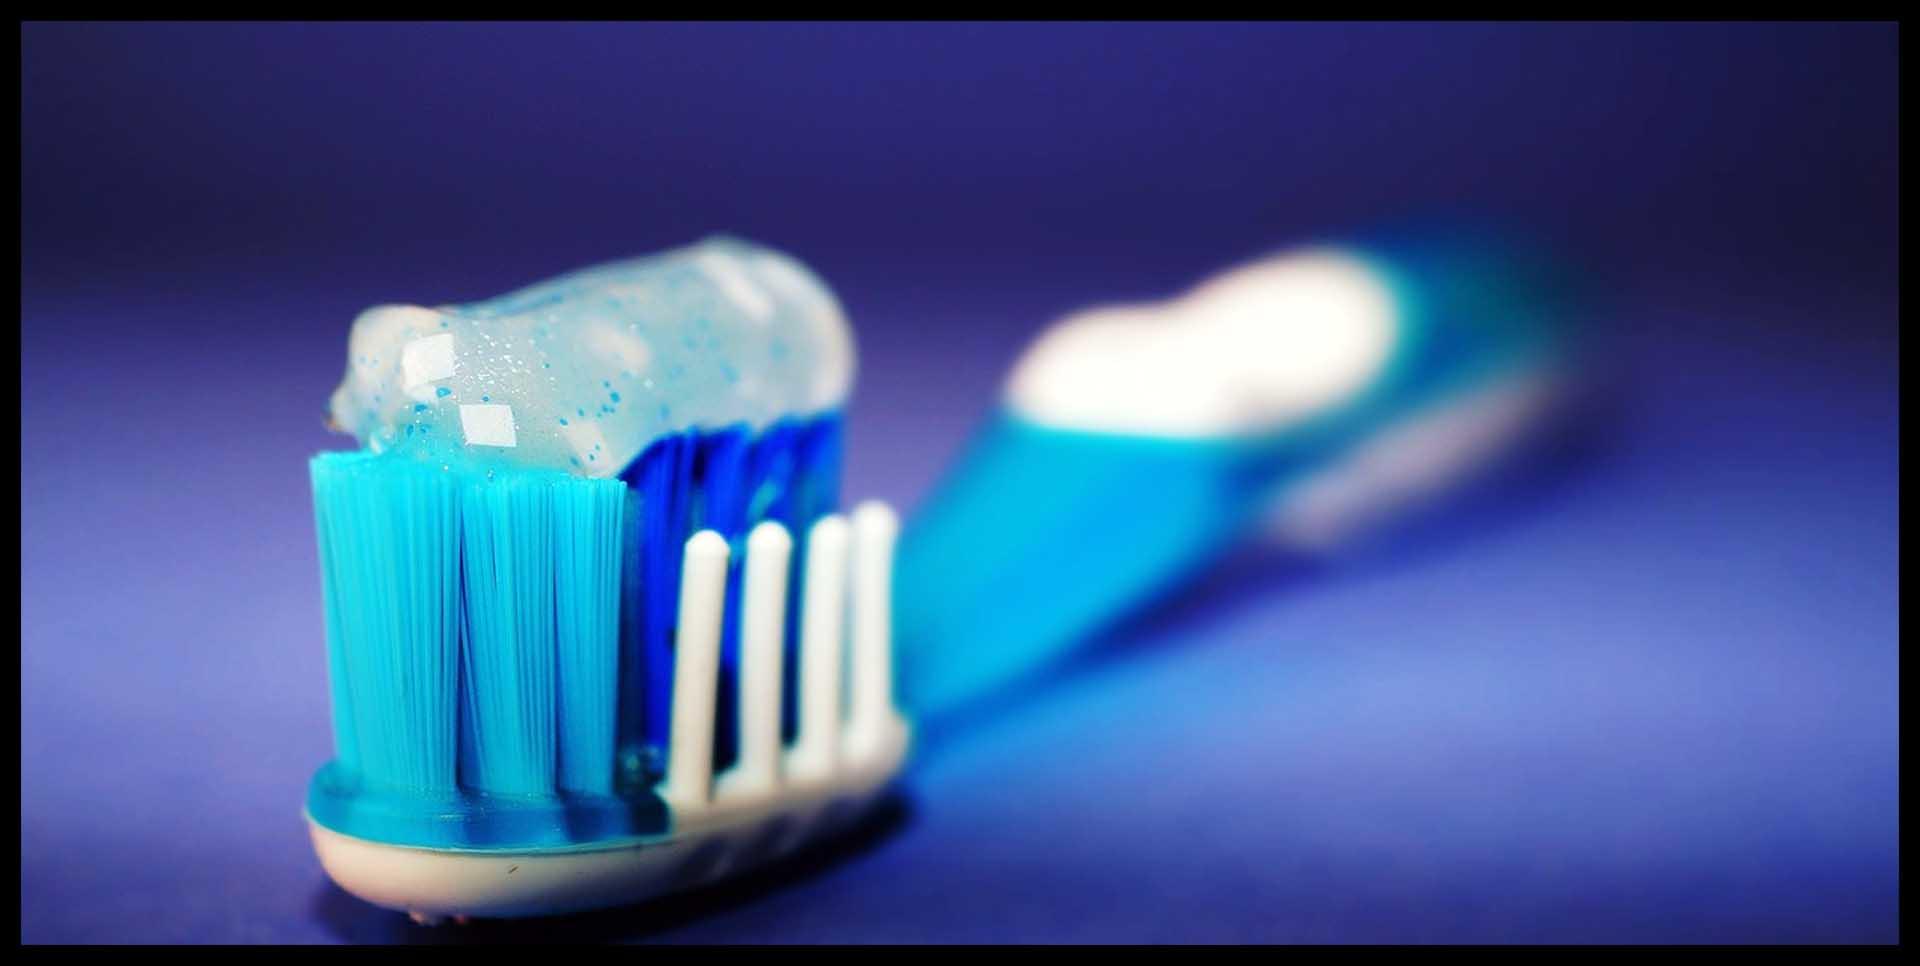 caracteristícas de los distintos tipos de cepillos de dientes